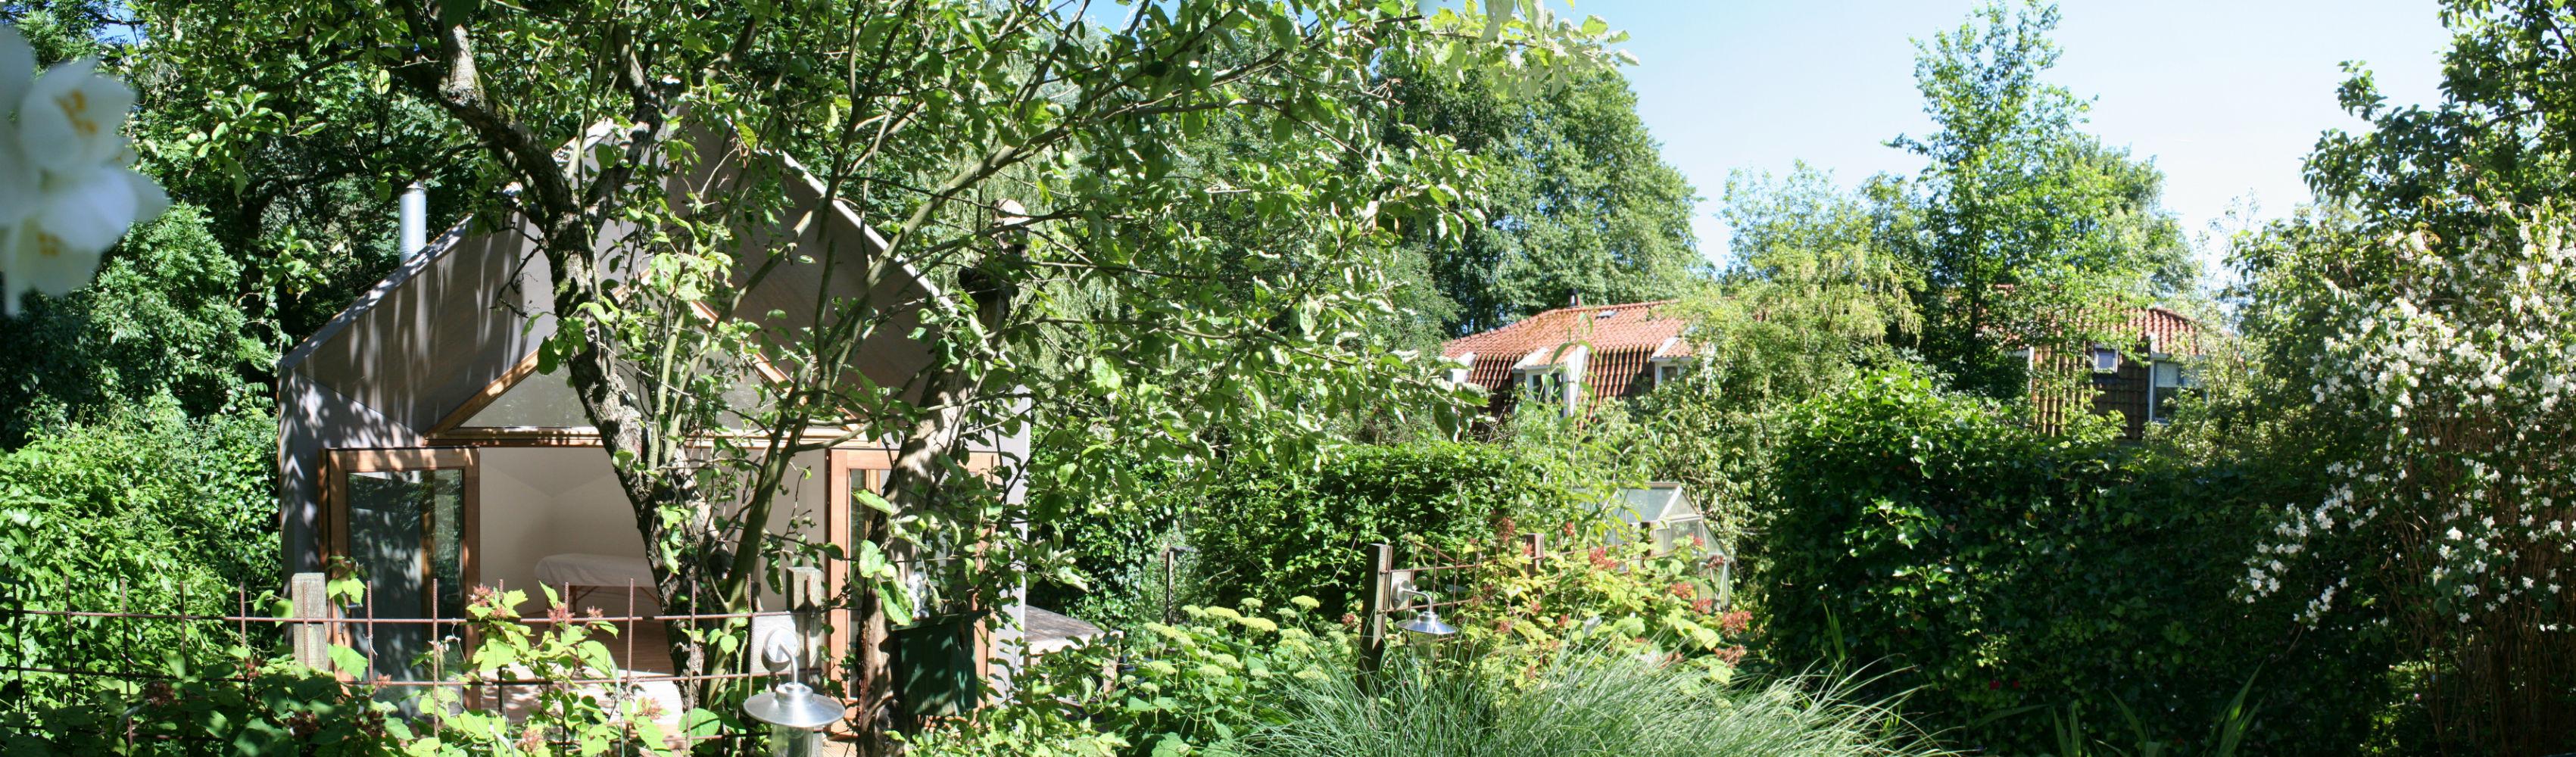 Hermit House Henriecke 6.jpg